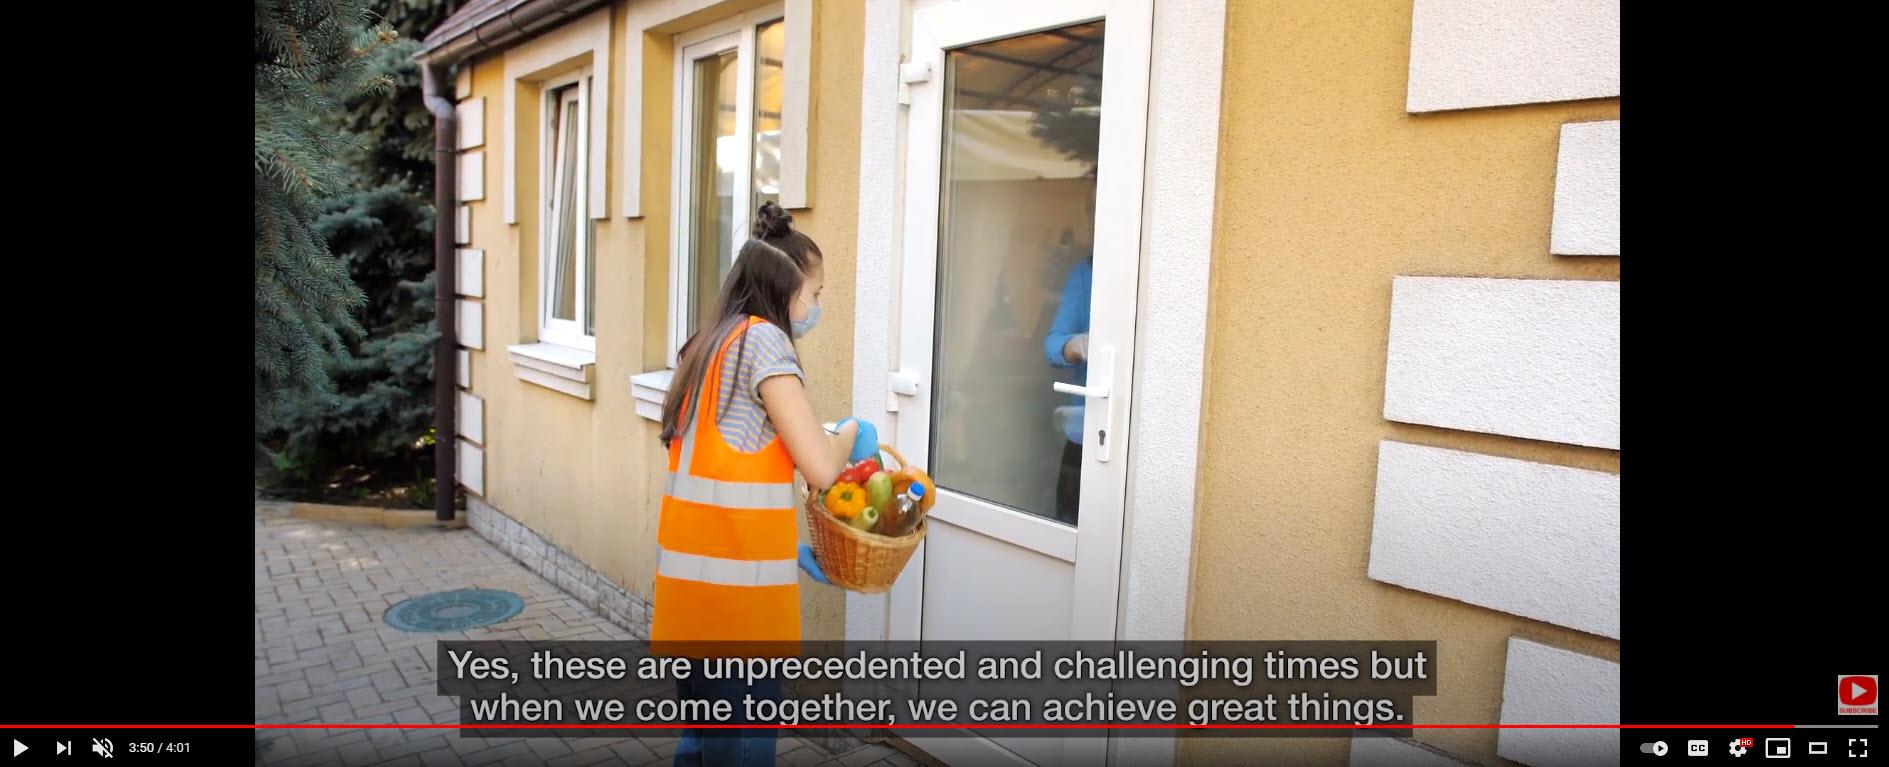 Social Impact at Intact - video